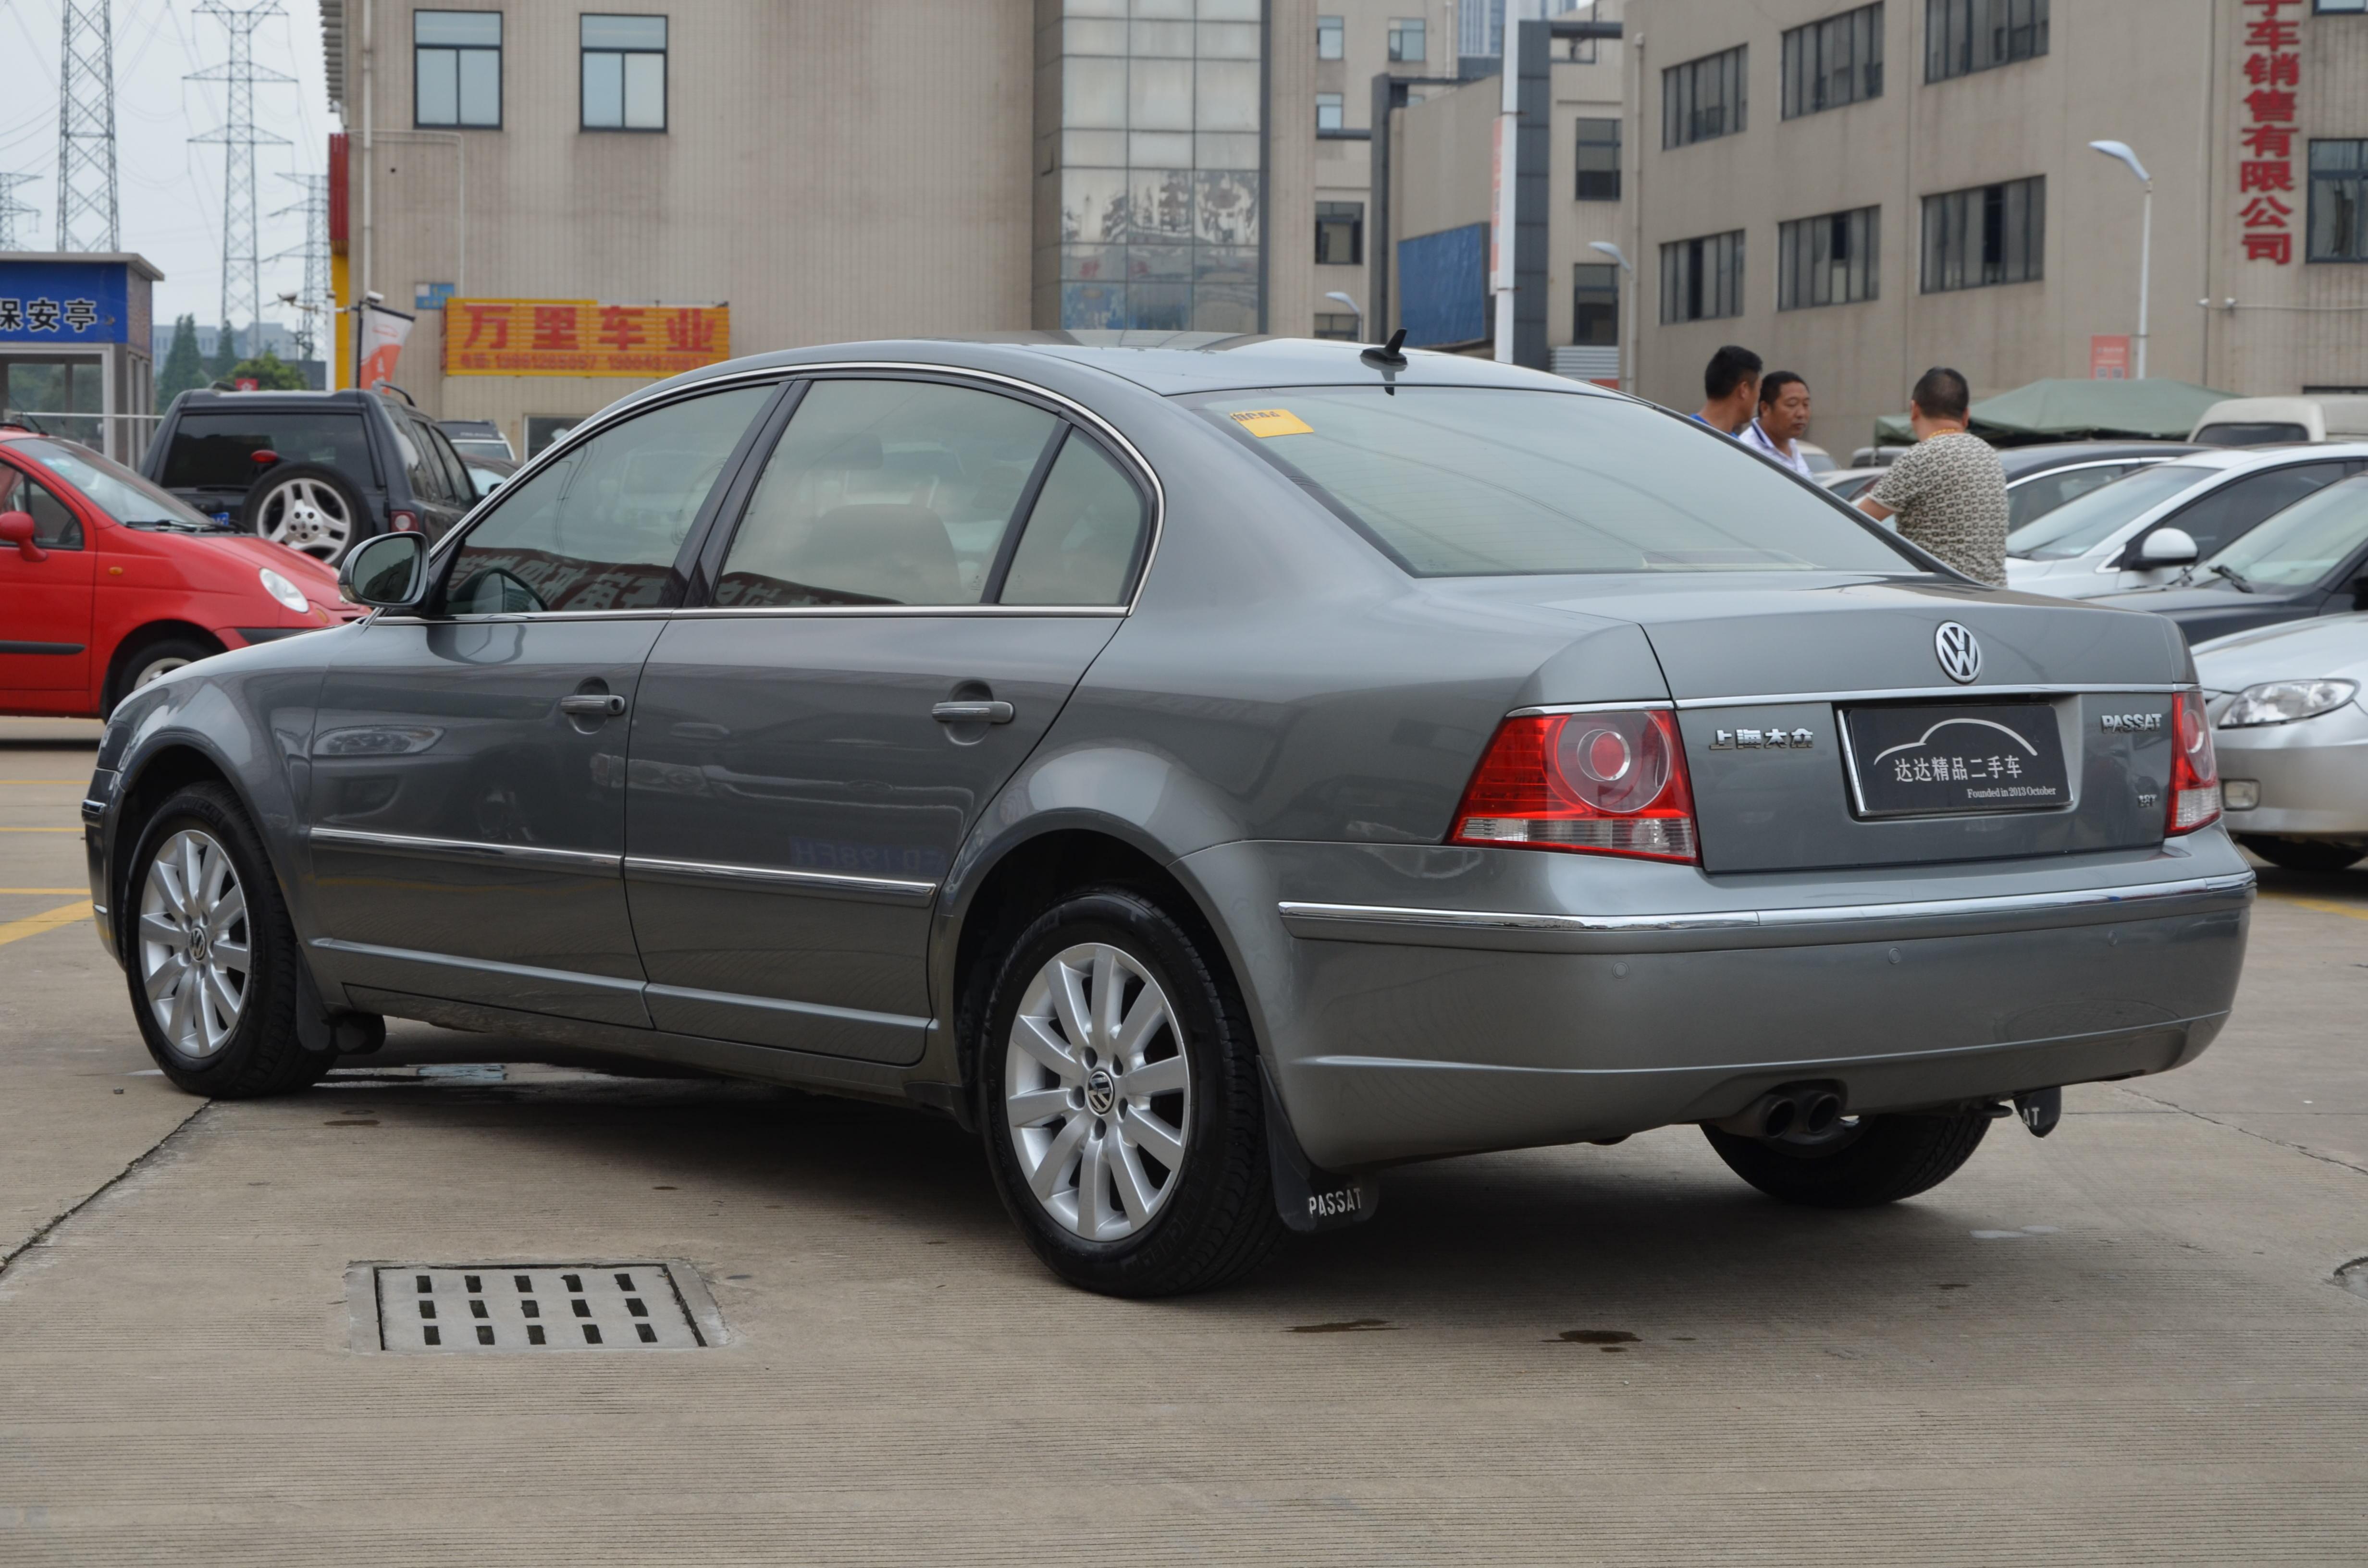 帕萨特b5是德国大众汽车公司的帕萨特品牌轿车的第五代车型.